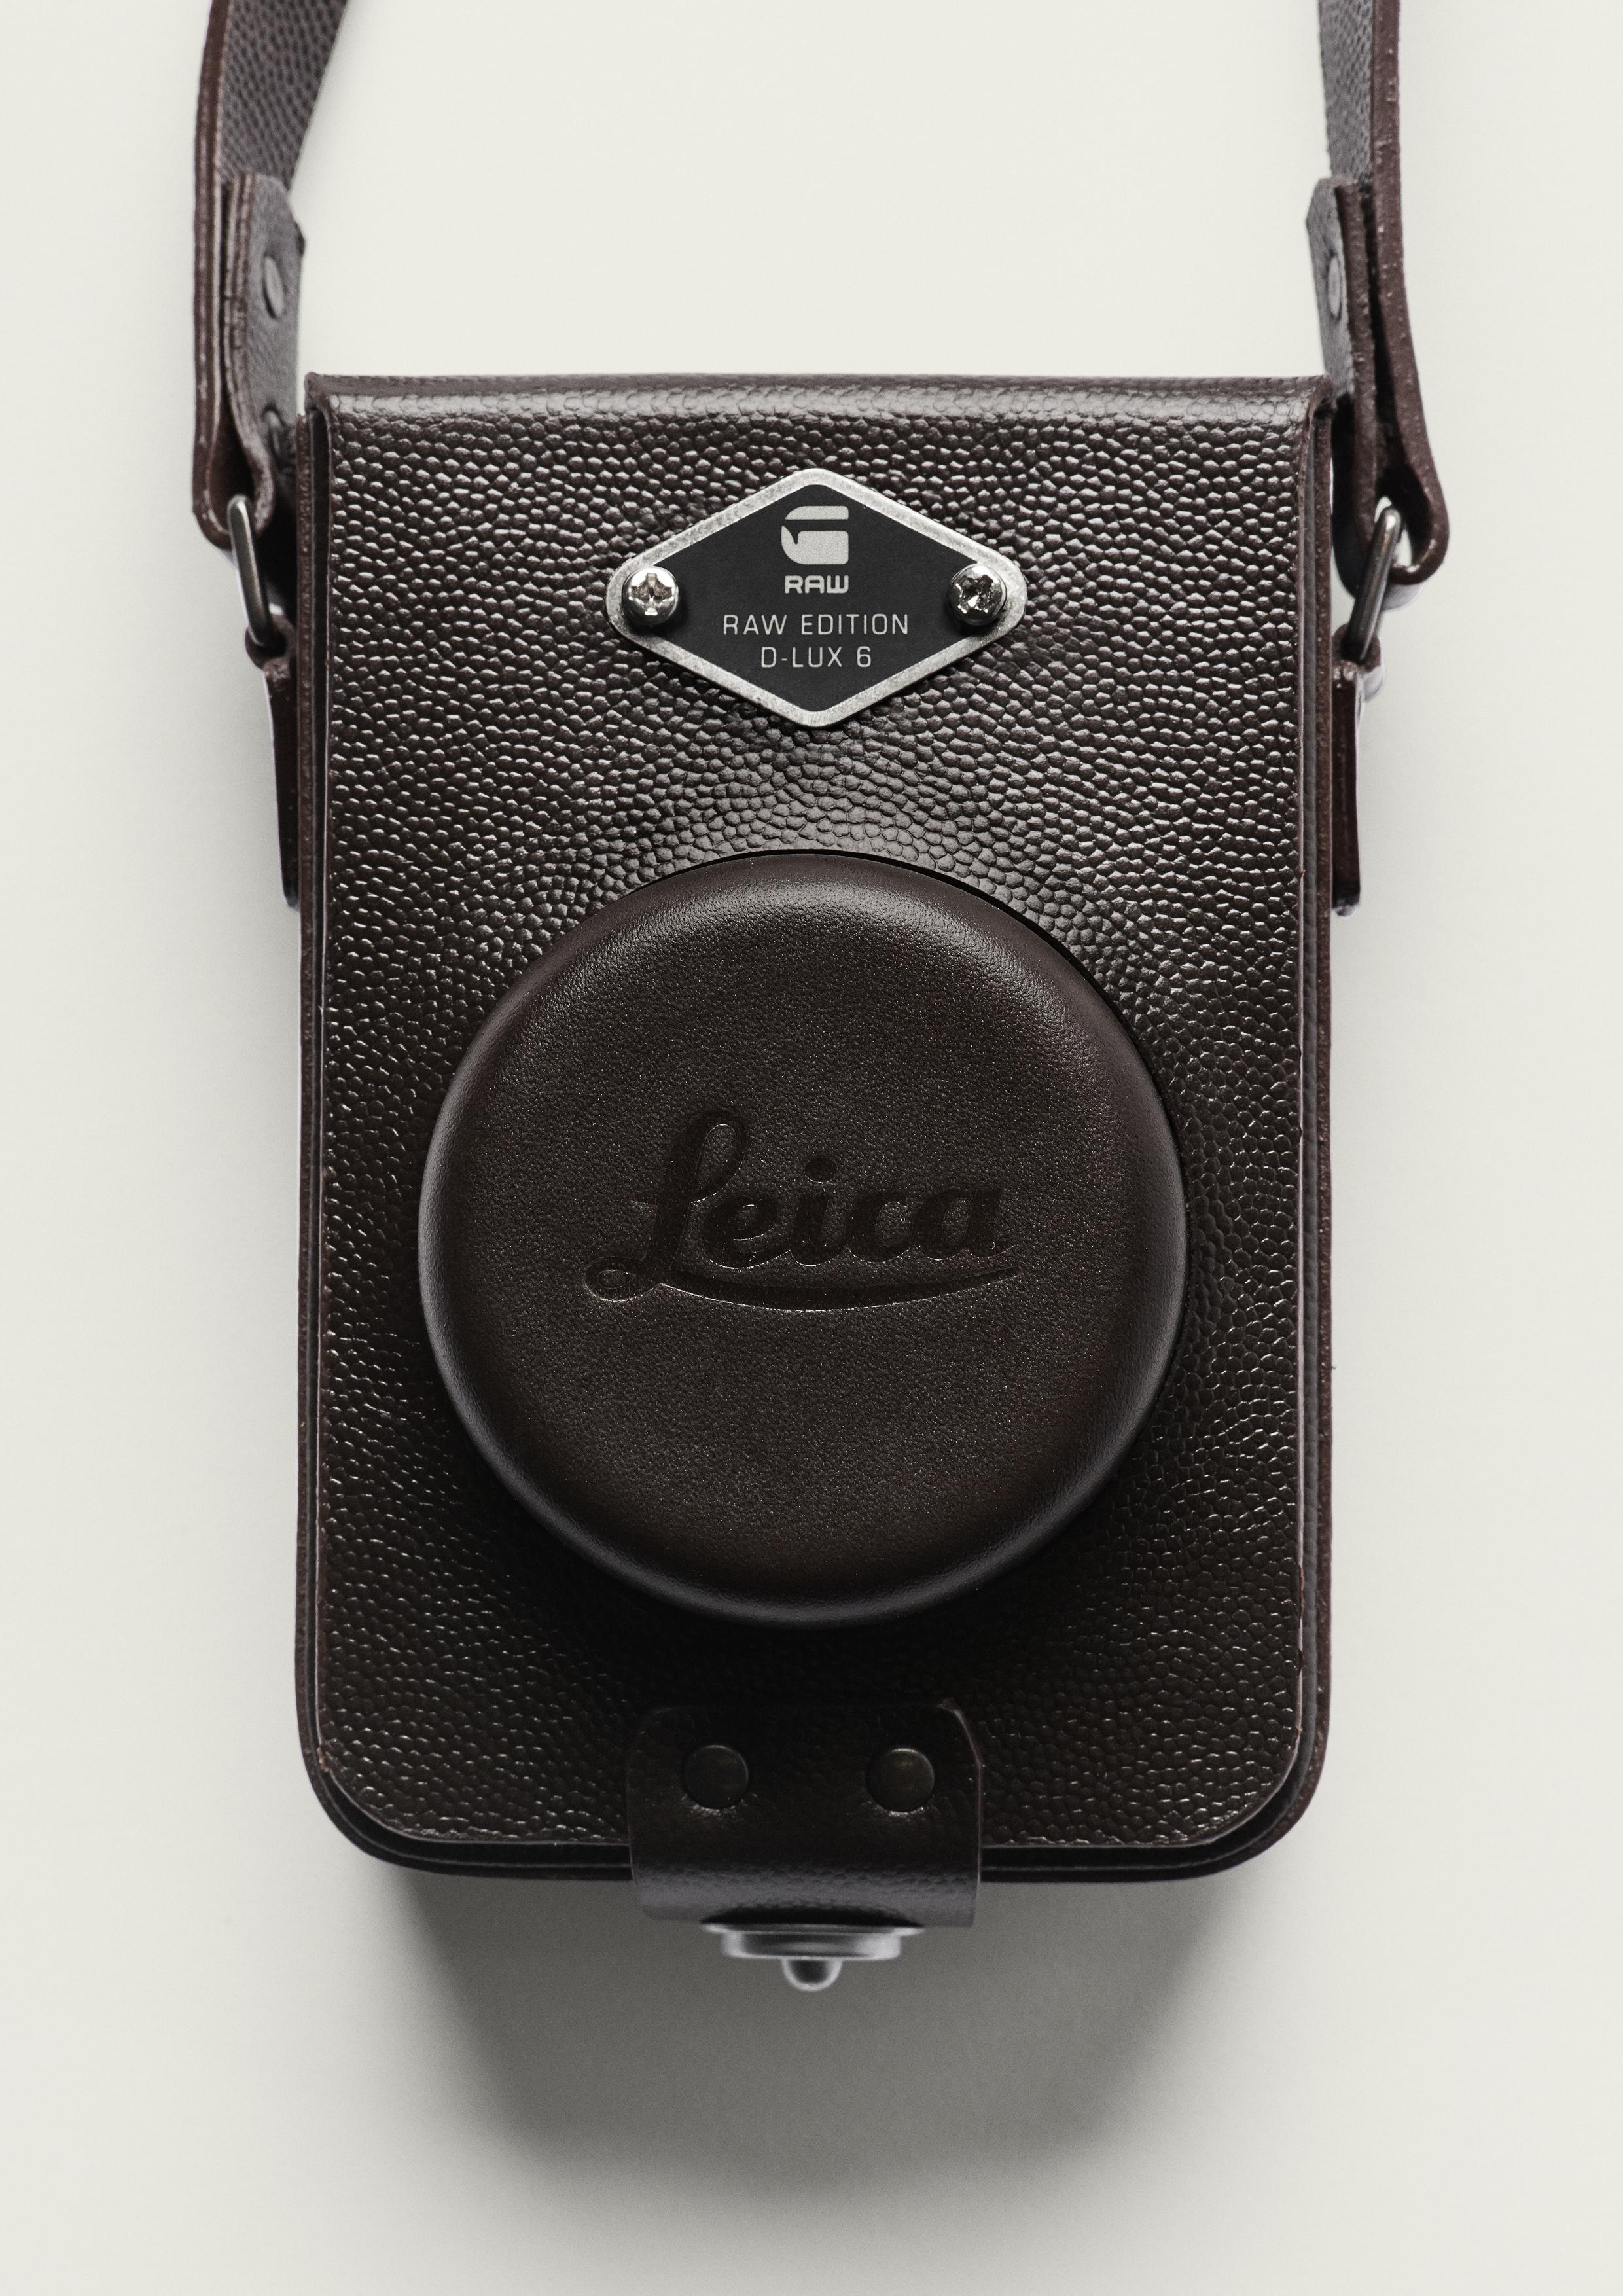 13002031_Leica_WHITE_041